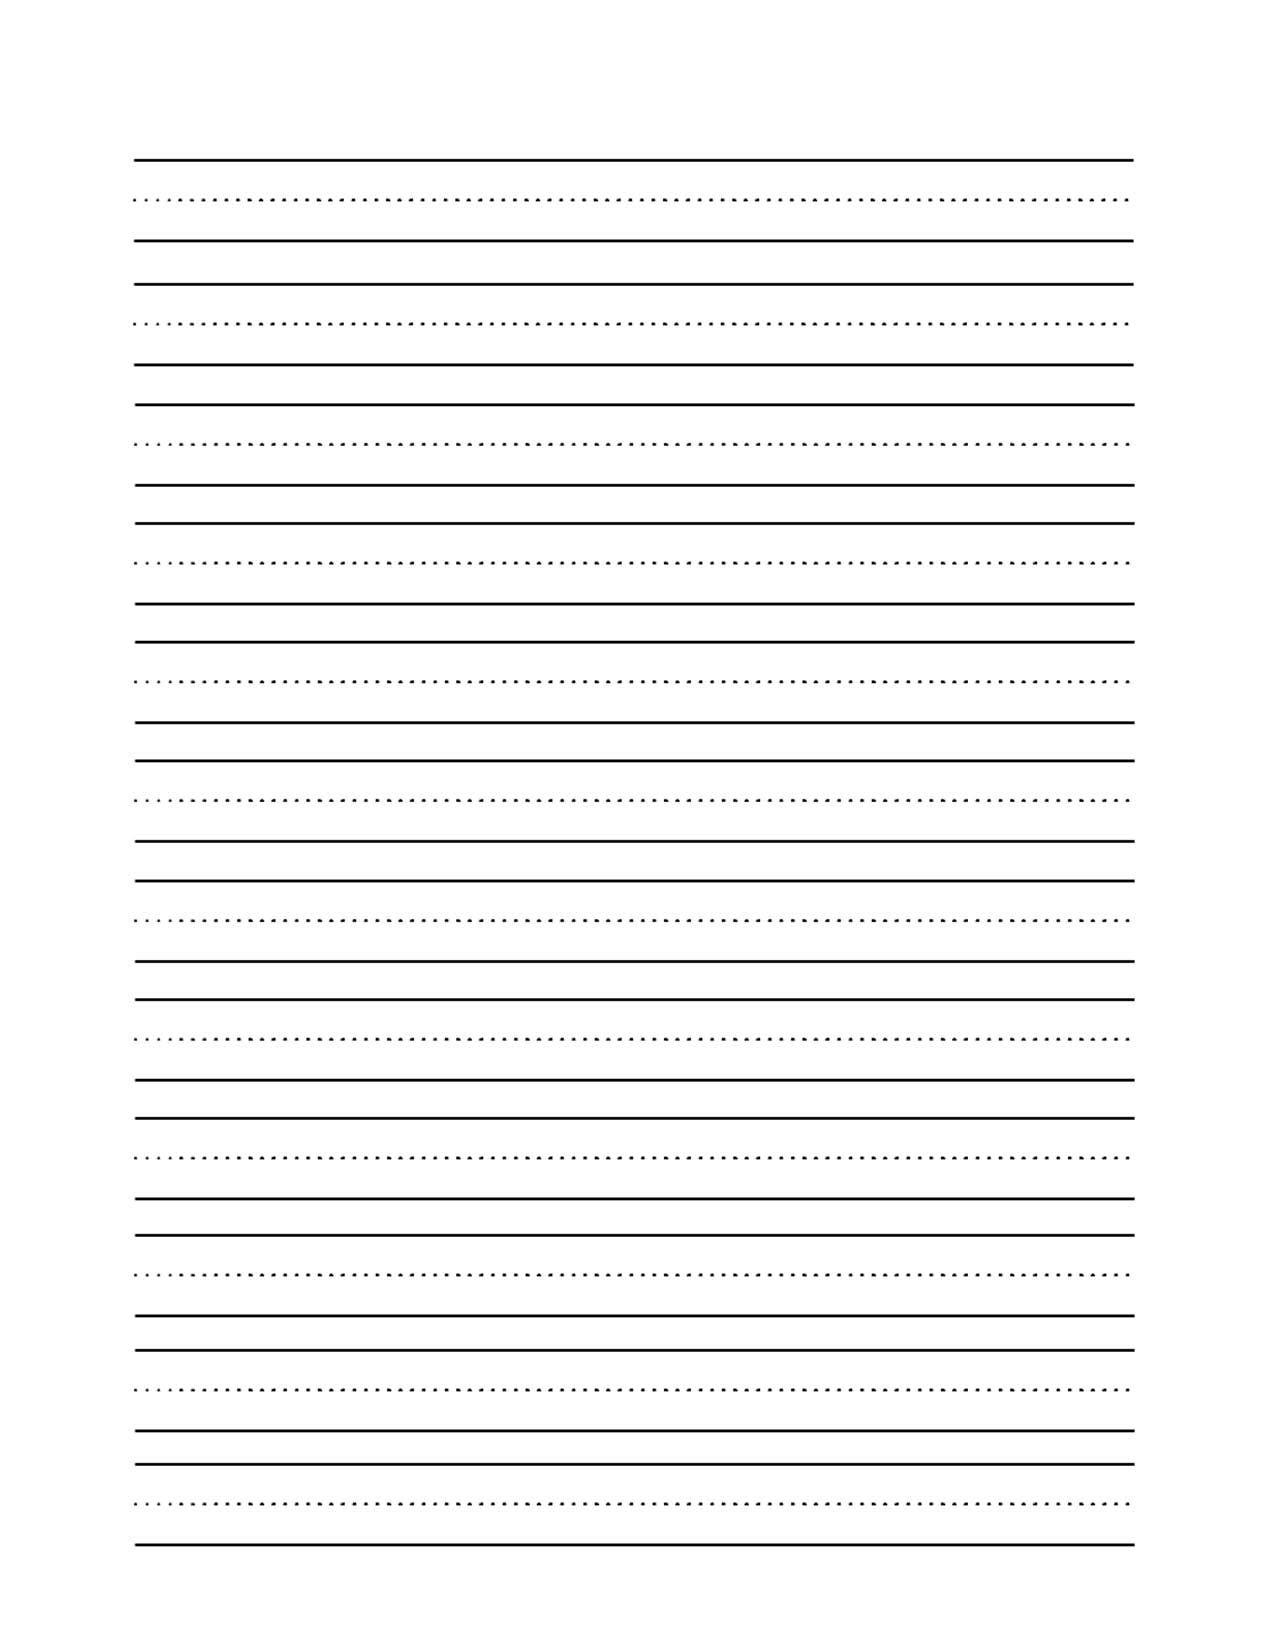 13 Best Images Of Printable Blank Handwriting Worksheets